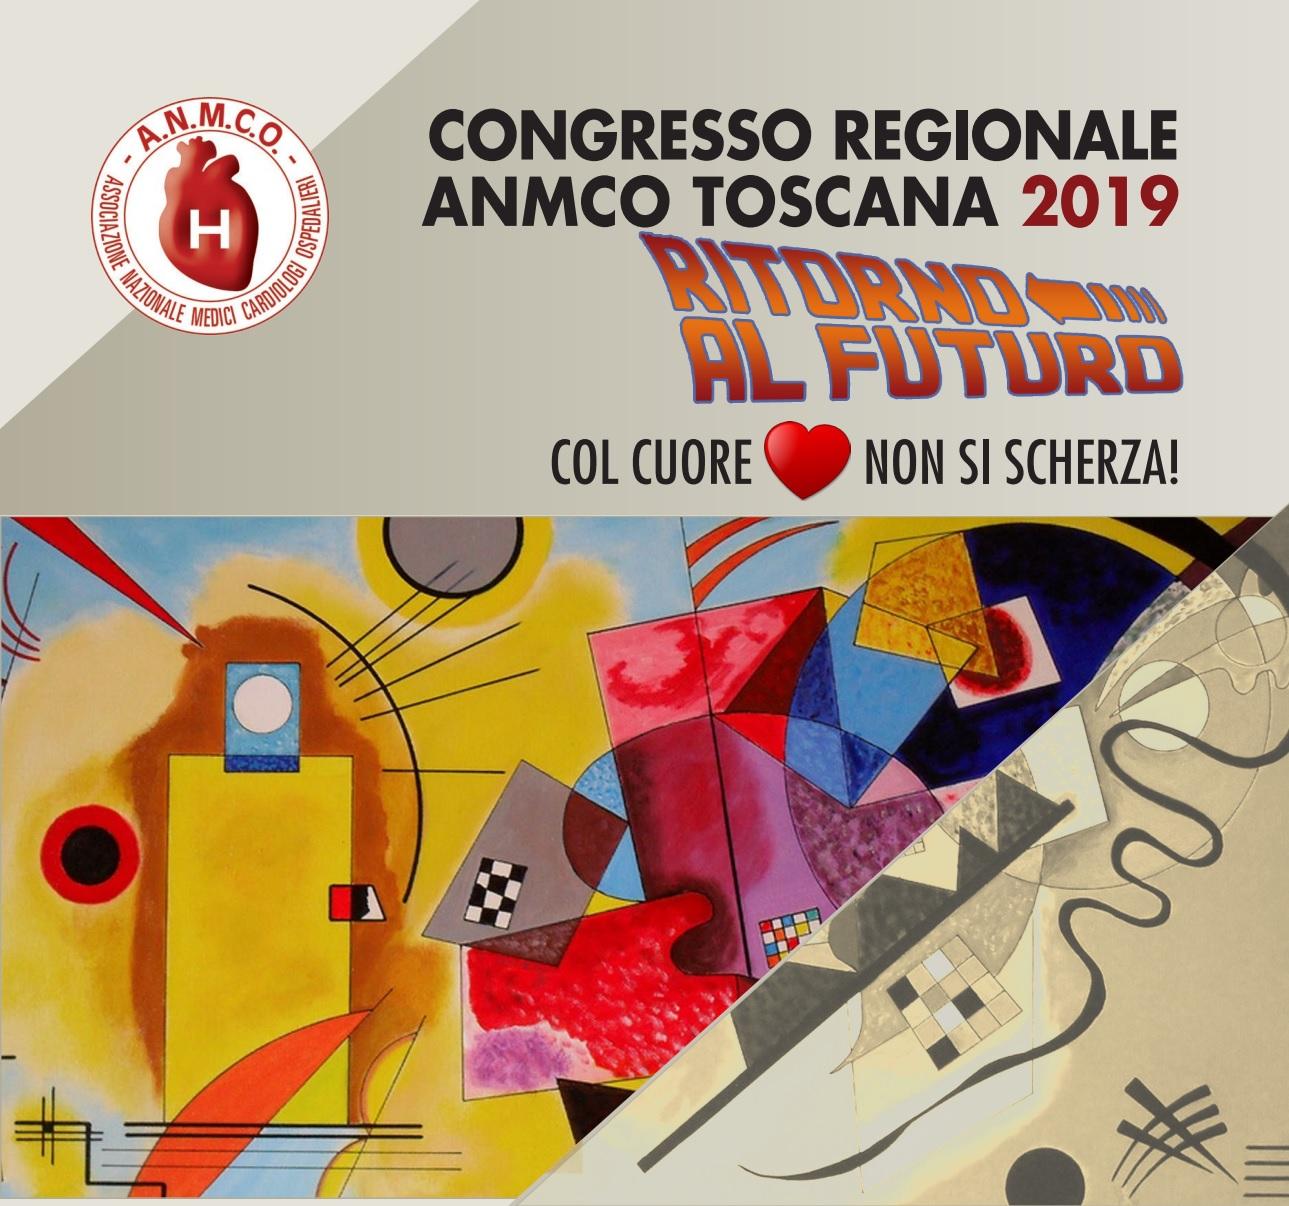 Congresso Regionale ANMCO Toscana 2019